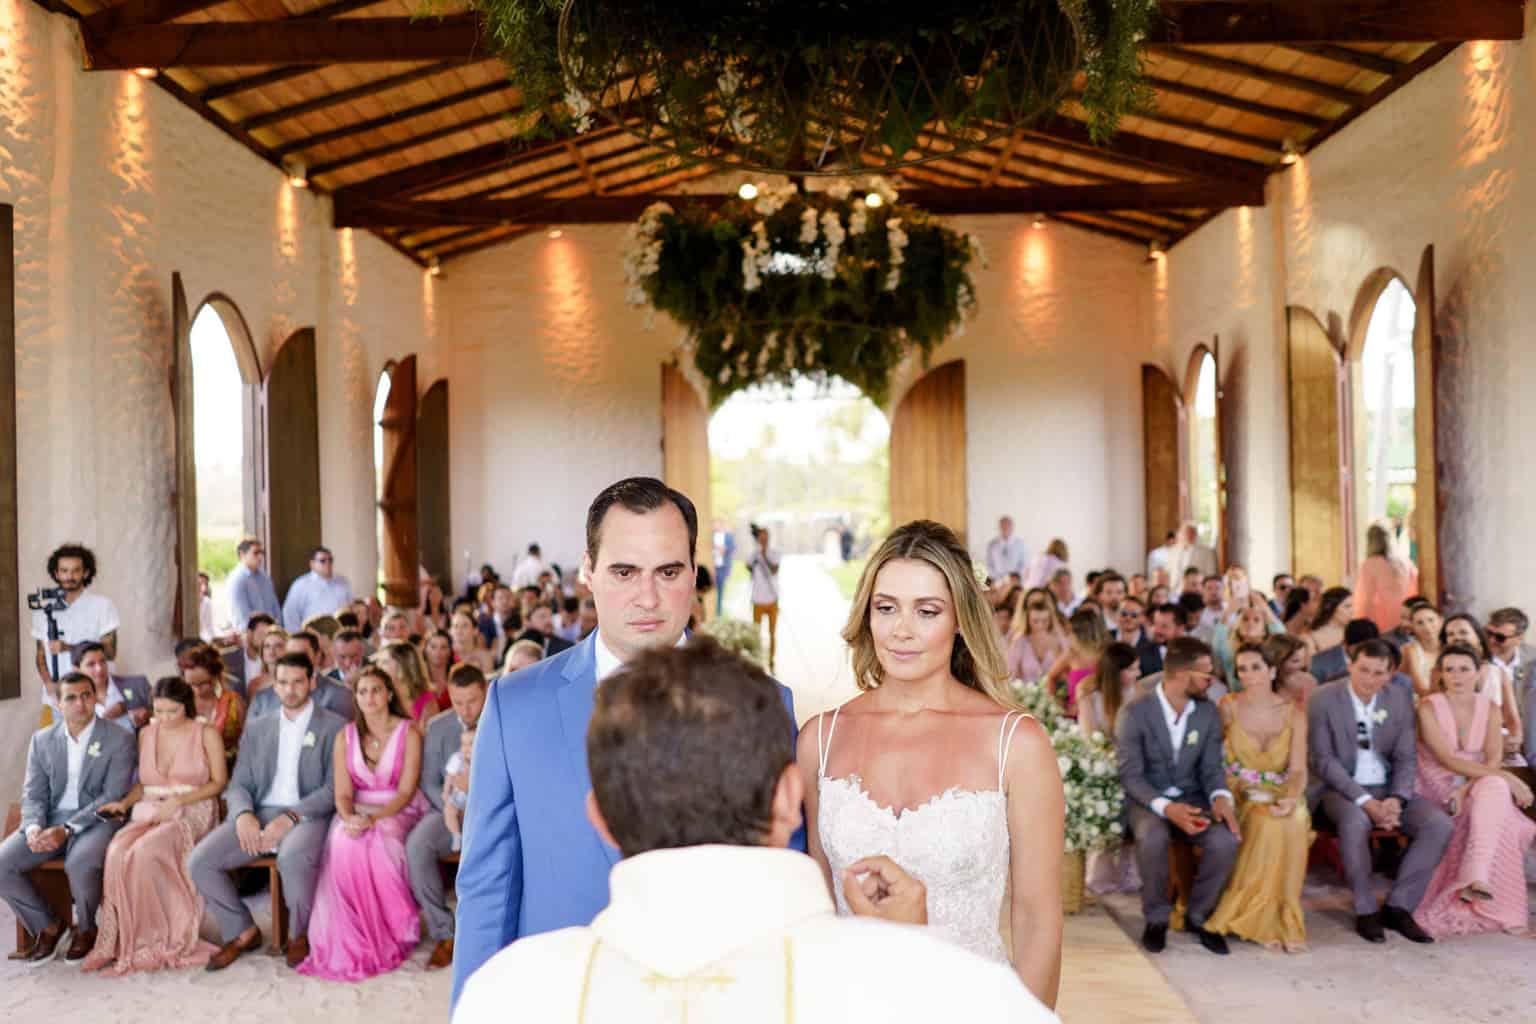 AL-Aline-e-Mauricio-capela-dos-milagres-casamento-casamento-na-praia-cerimonia-na-igreja81